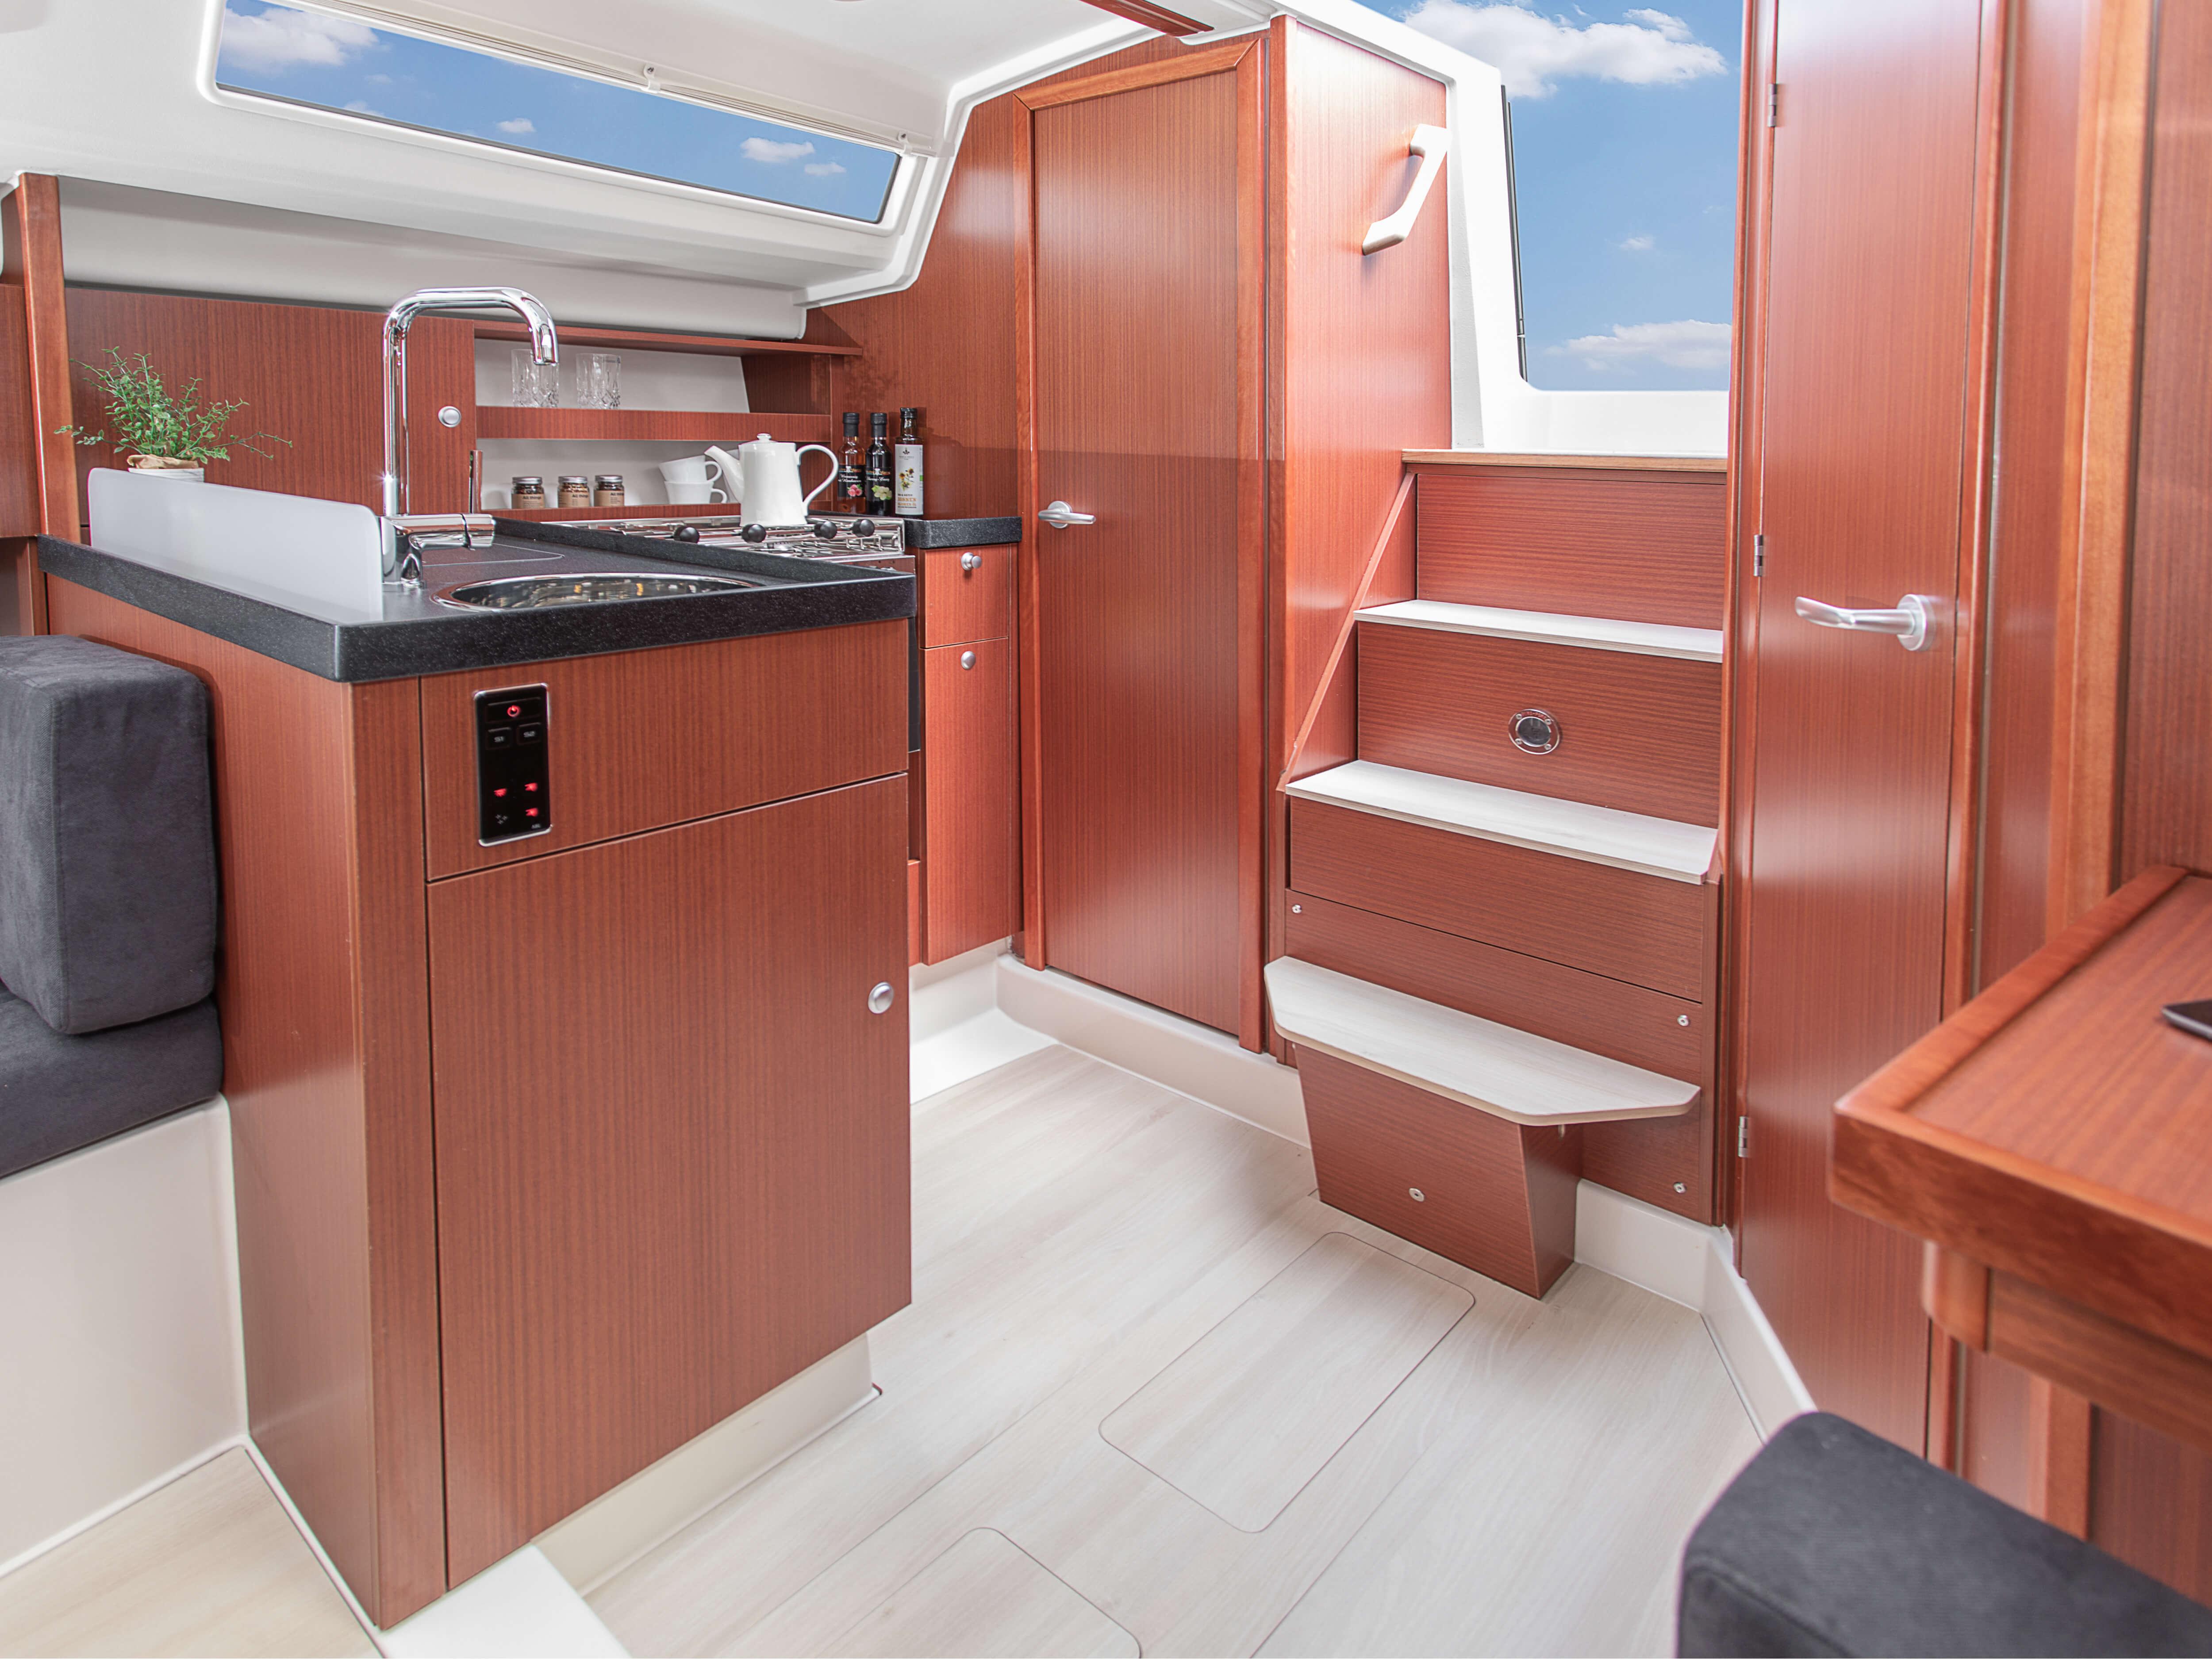 Hanse 315 Kiler | Çeşitli yerleşim seçenekleri ve kaliteli kumaşlar, zarif ahşaplar, moda renkler, seçkin zemin malzemeleri ve şık mobilyaların dahil olduğu geniş kombinasyon seçenekleri sayesinde HANSE'nizi kendinize özel, benzersiz bir yata dönüştürebilirsiniz. | Hanse